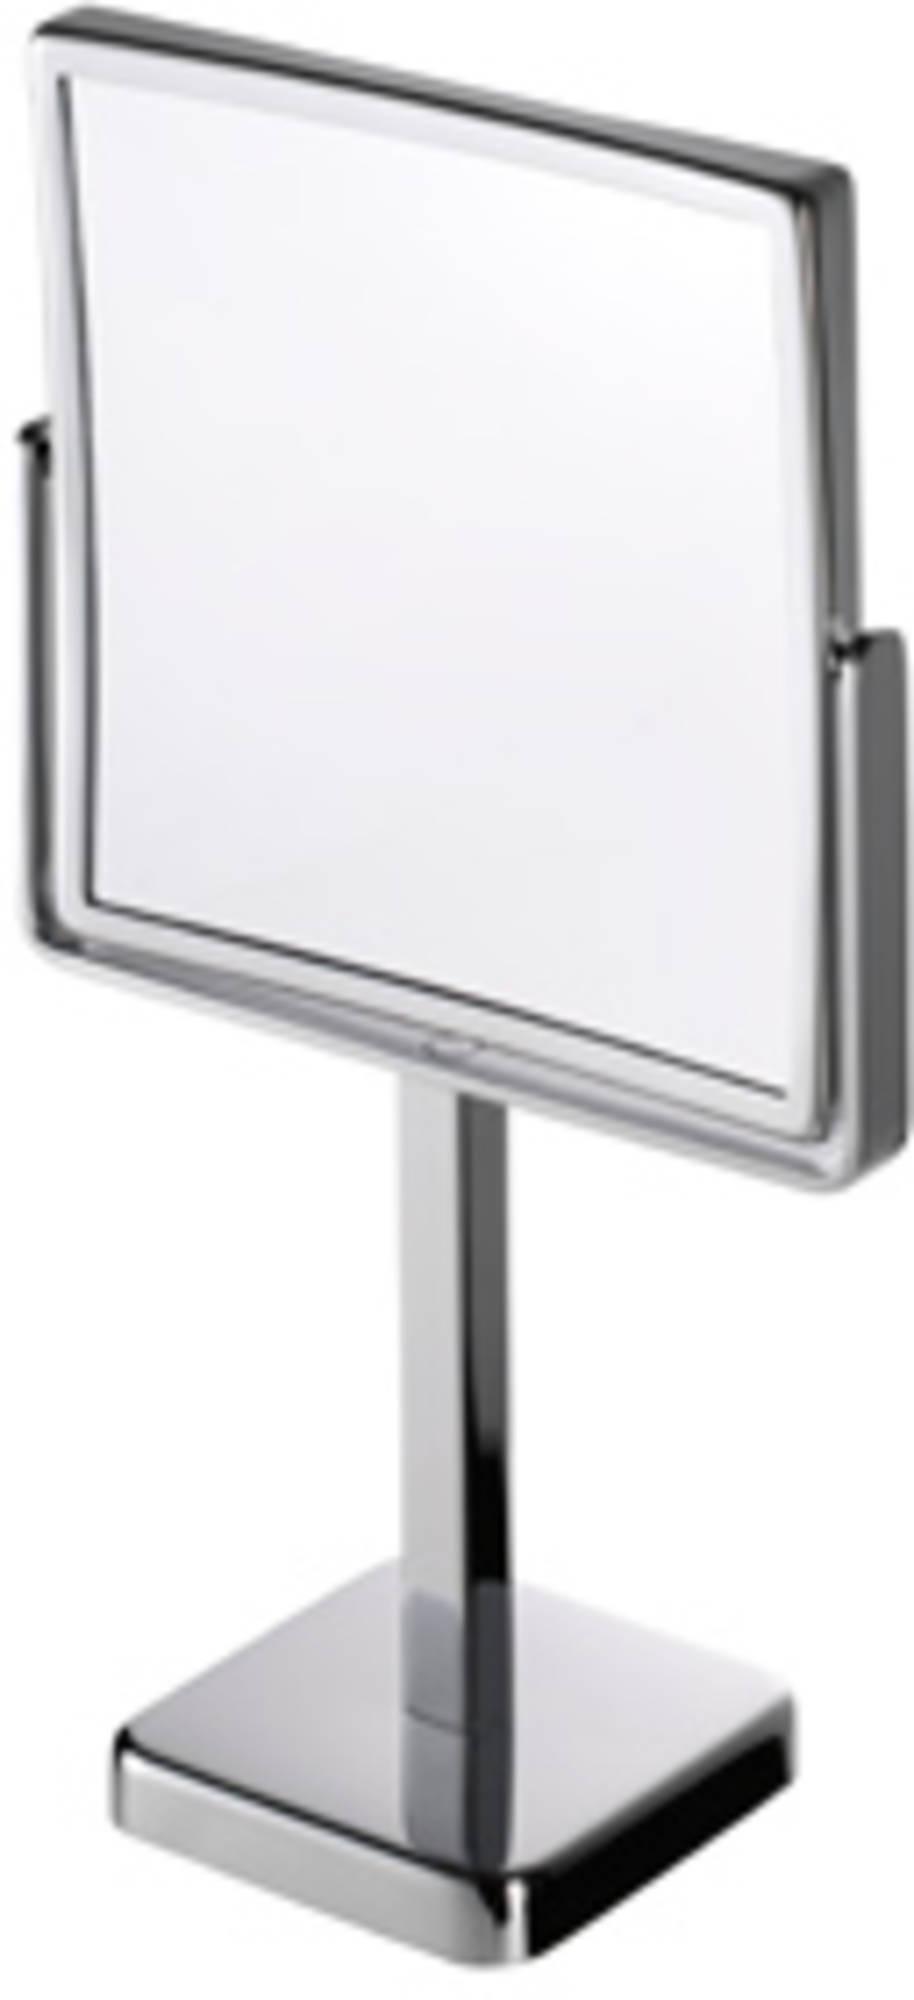 Geesa Serie 1000 scheespiegel vierkant 21.5x21.5cm,staand 3x vergro, chroom